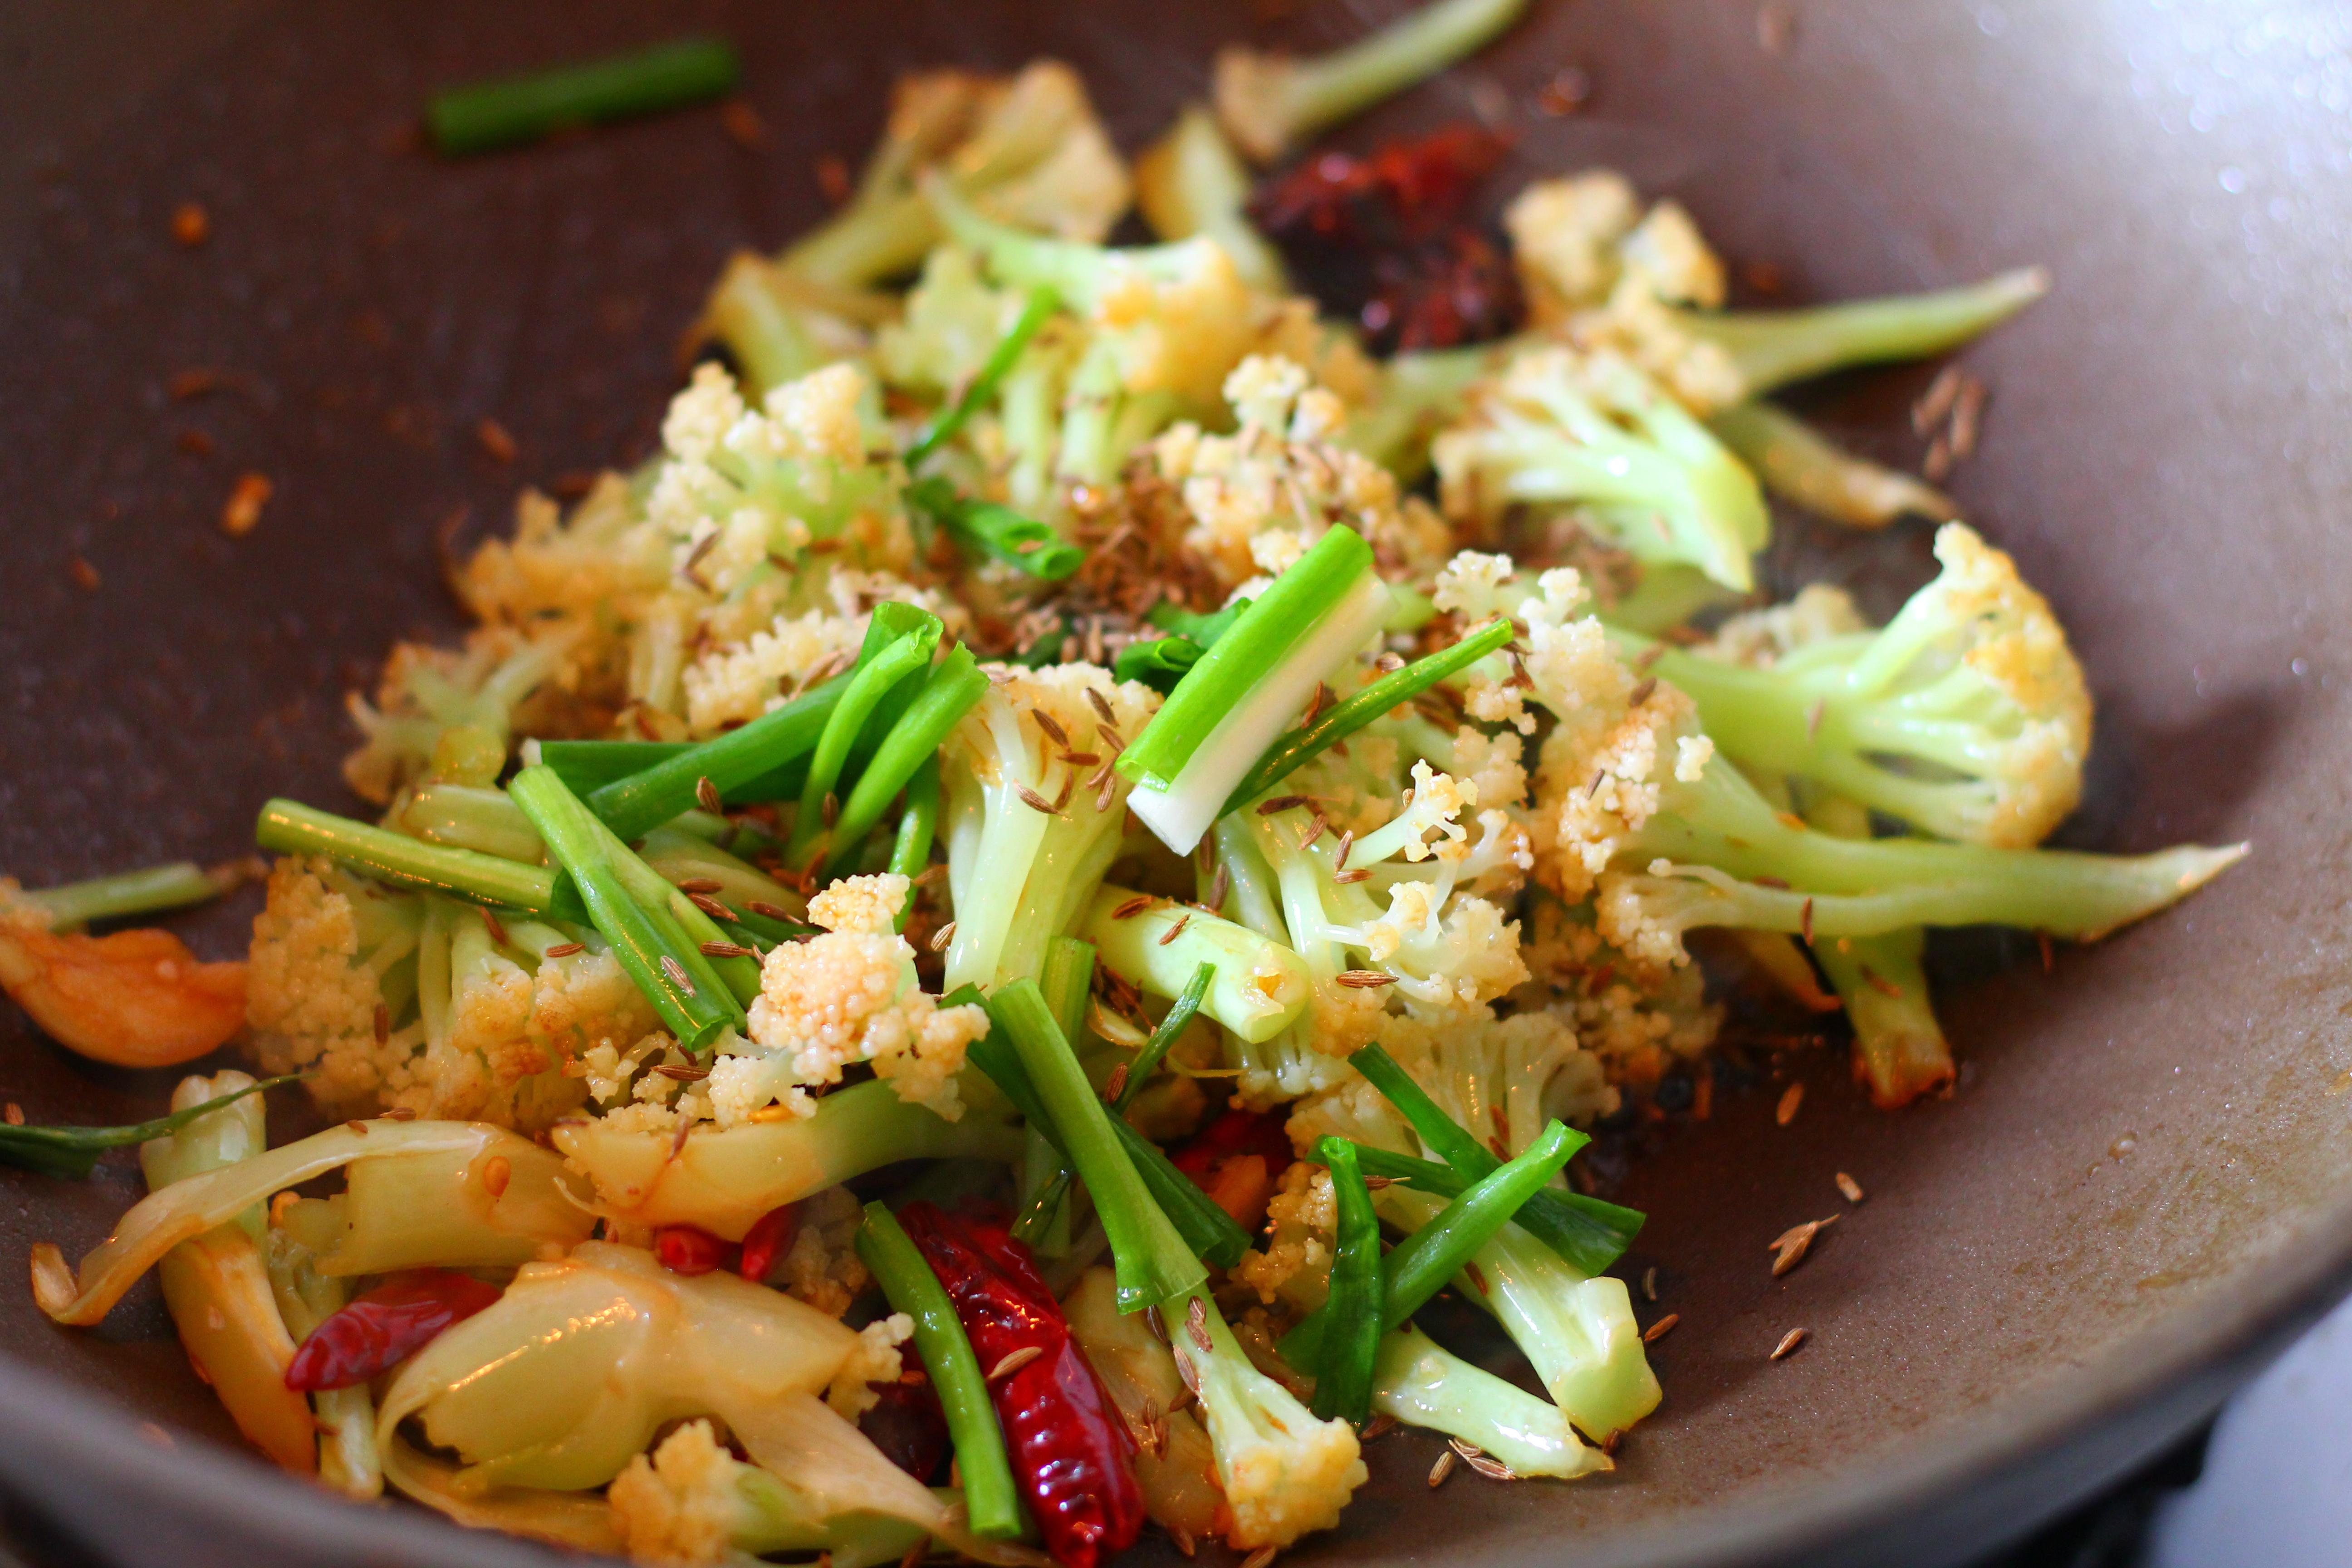 教你做比肉更好吃的花菜做法,做出大厨风味